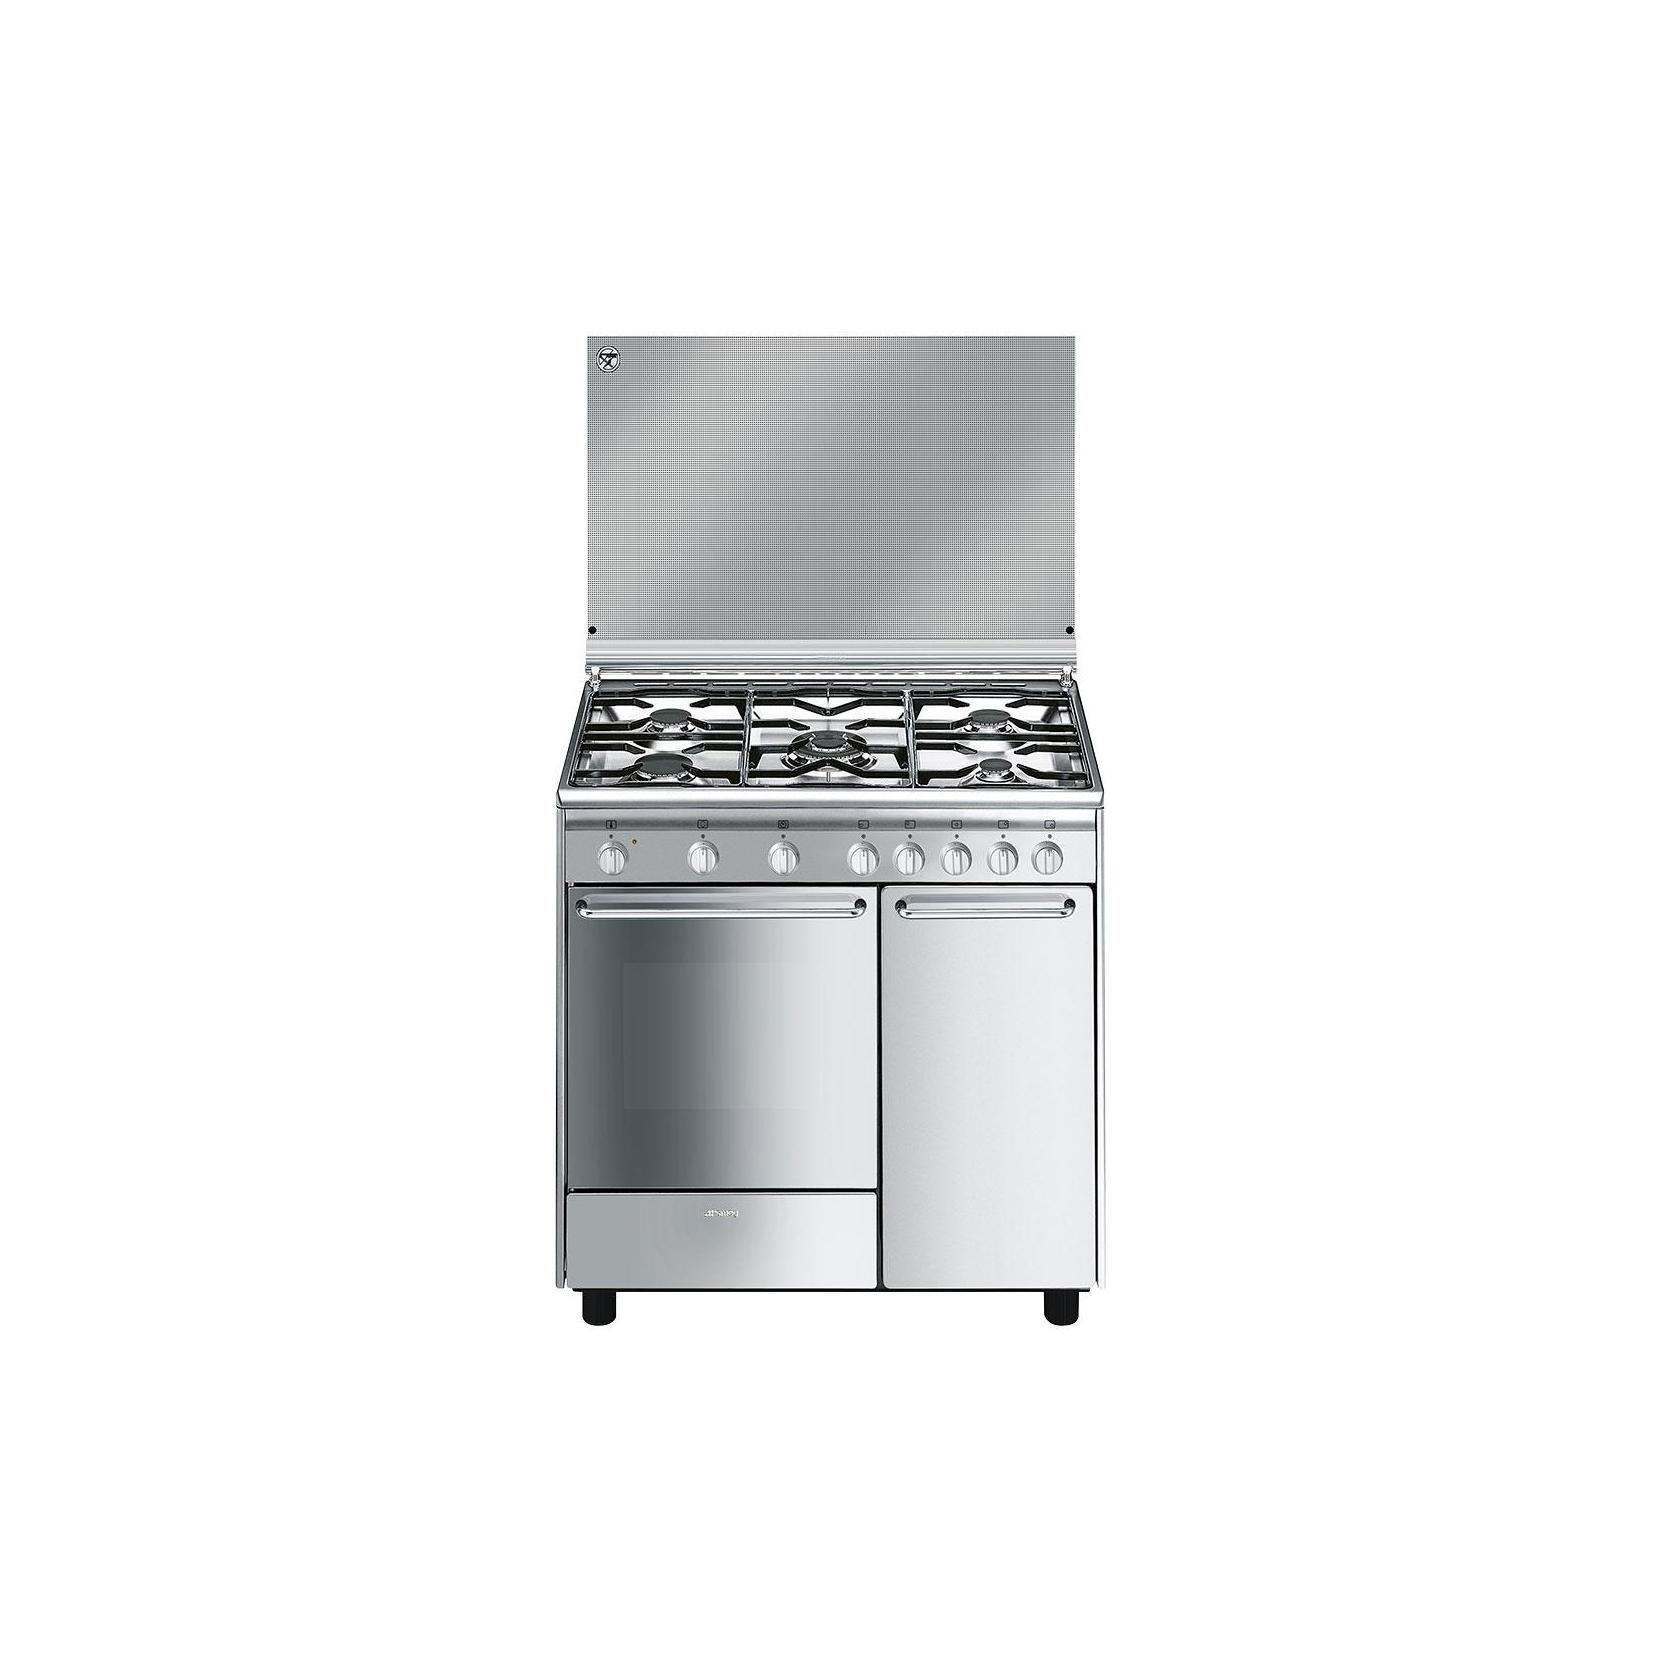 Smeg cx9sv2 cucina 90x60 inox 5 fuochi forno elettrico - Cucina inox usata ...